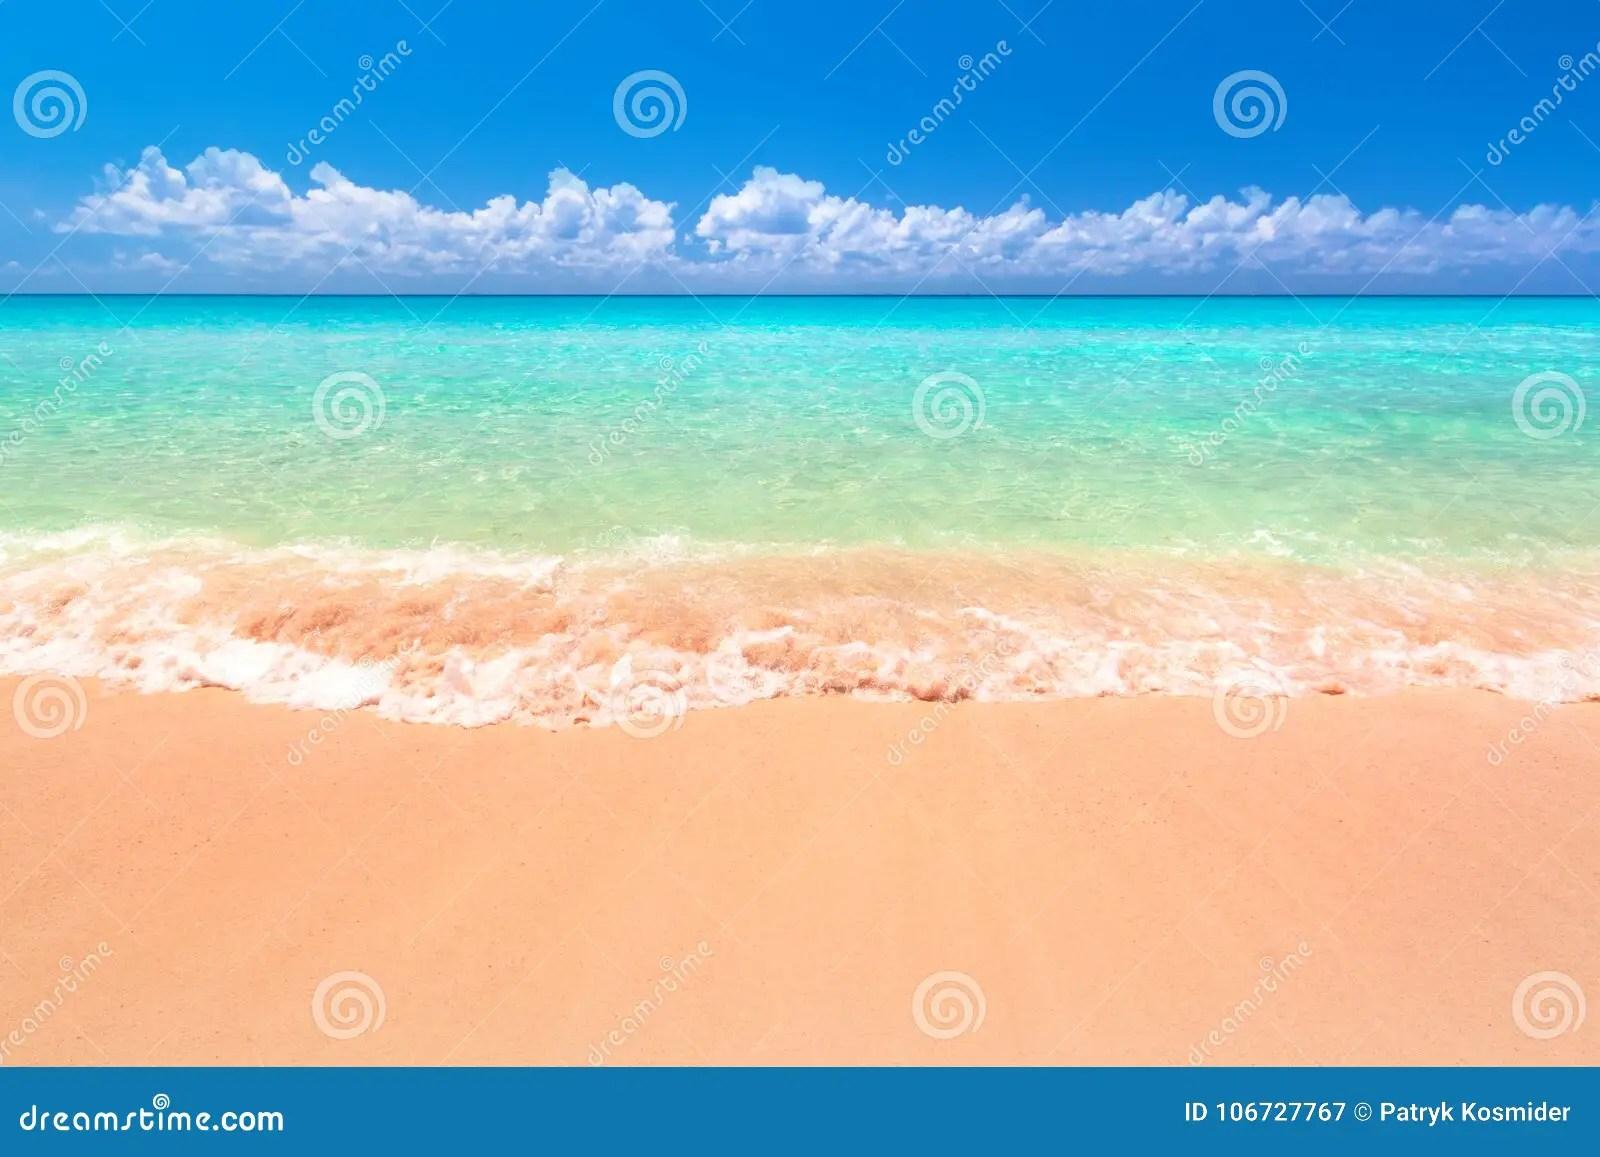 paysage de plage a la mer des caraibes